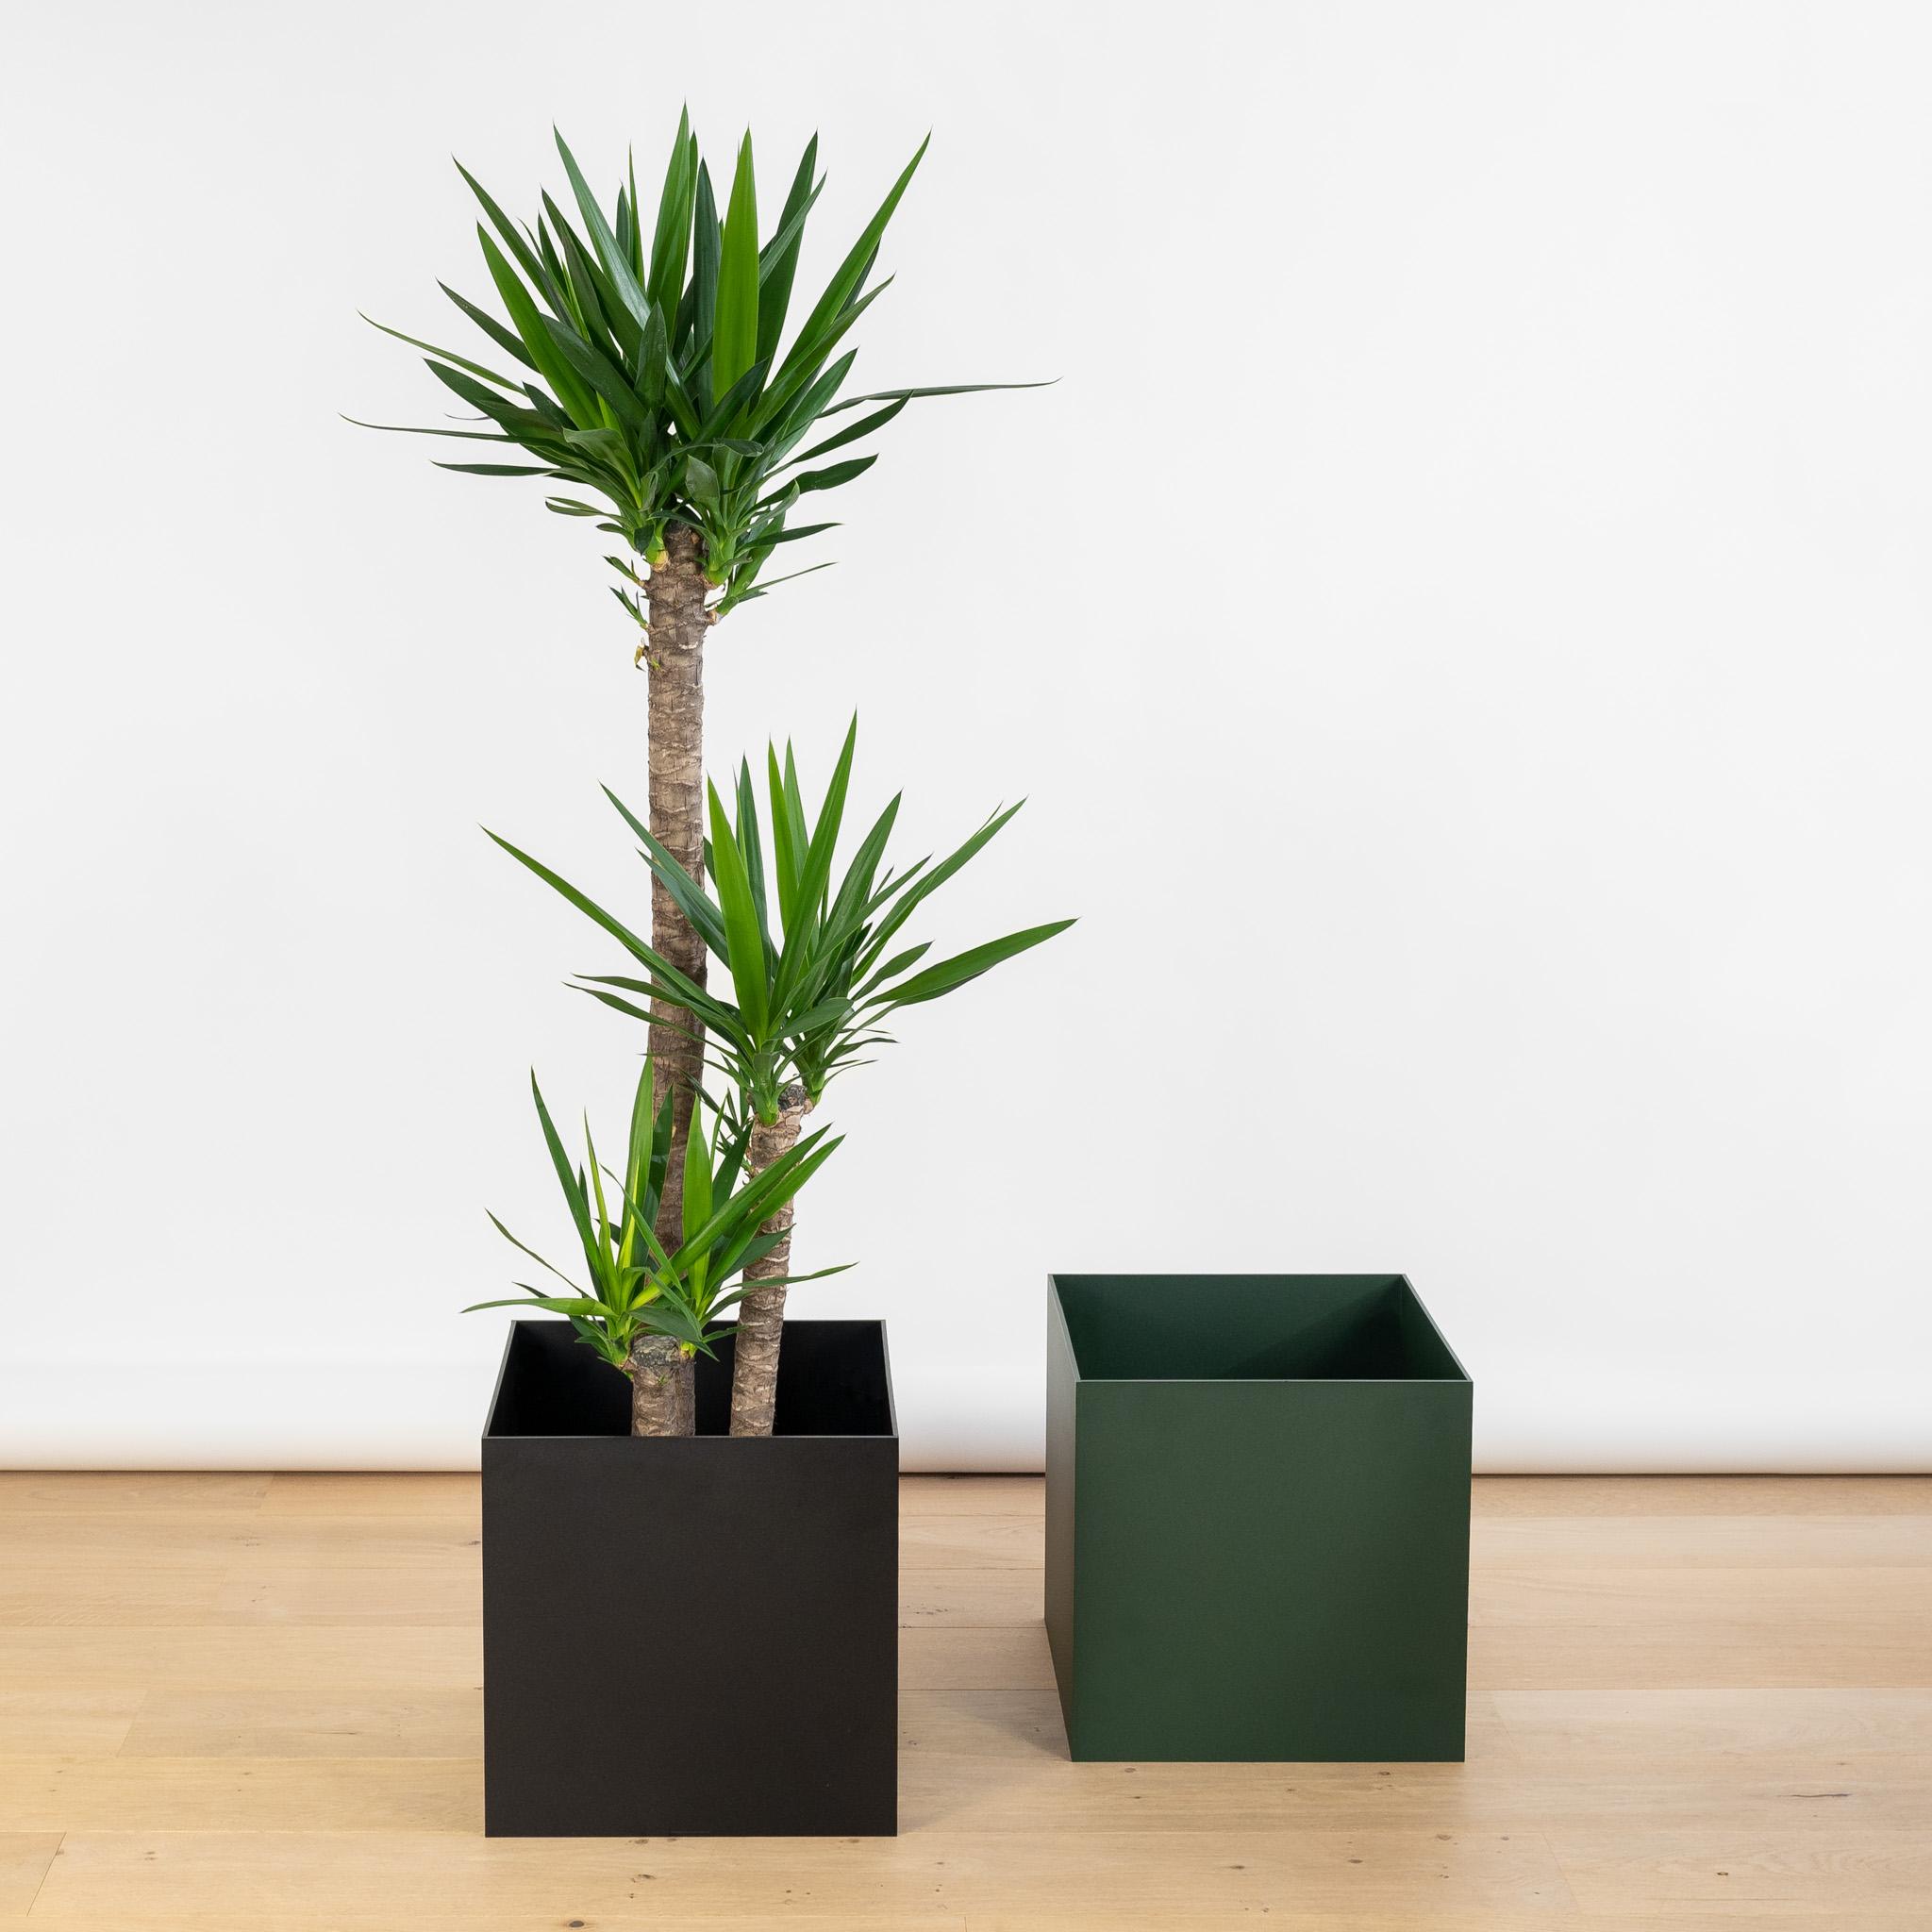 Steelish plantenbakken van 5mm dik hoogwaardig staal